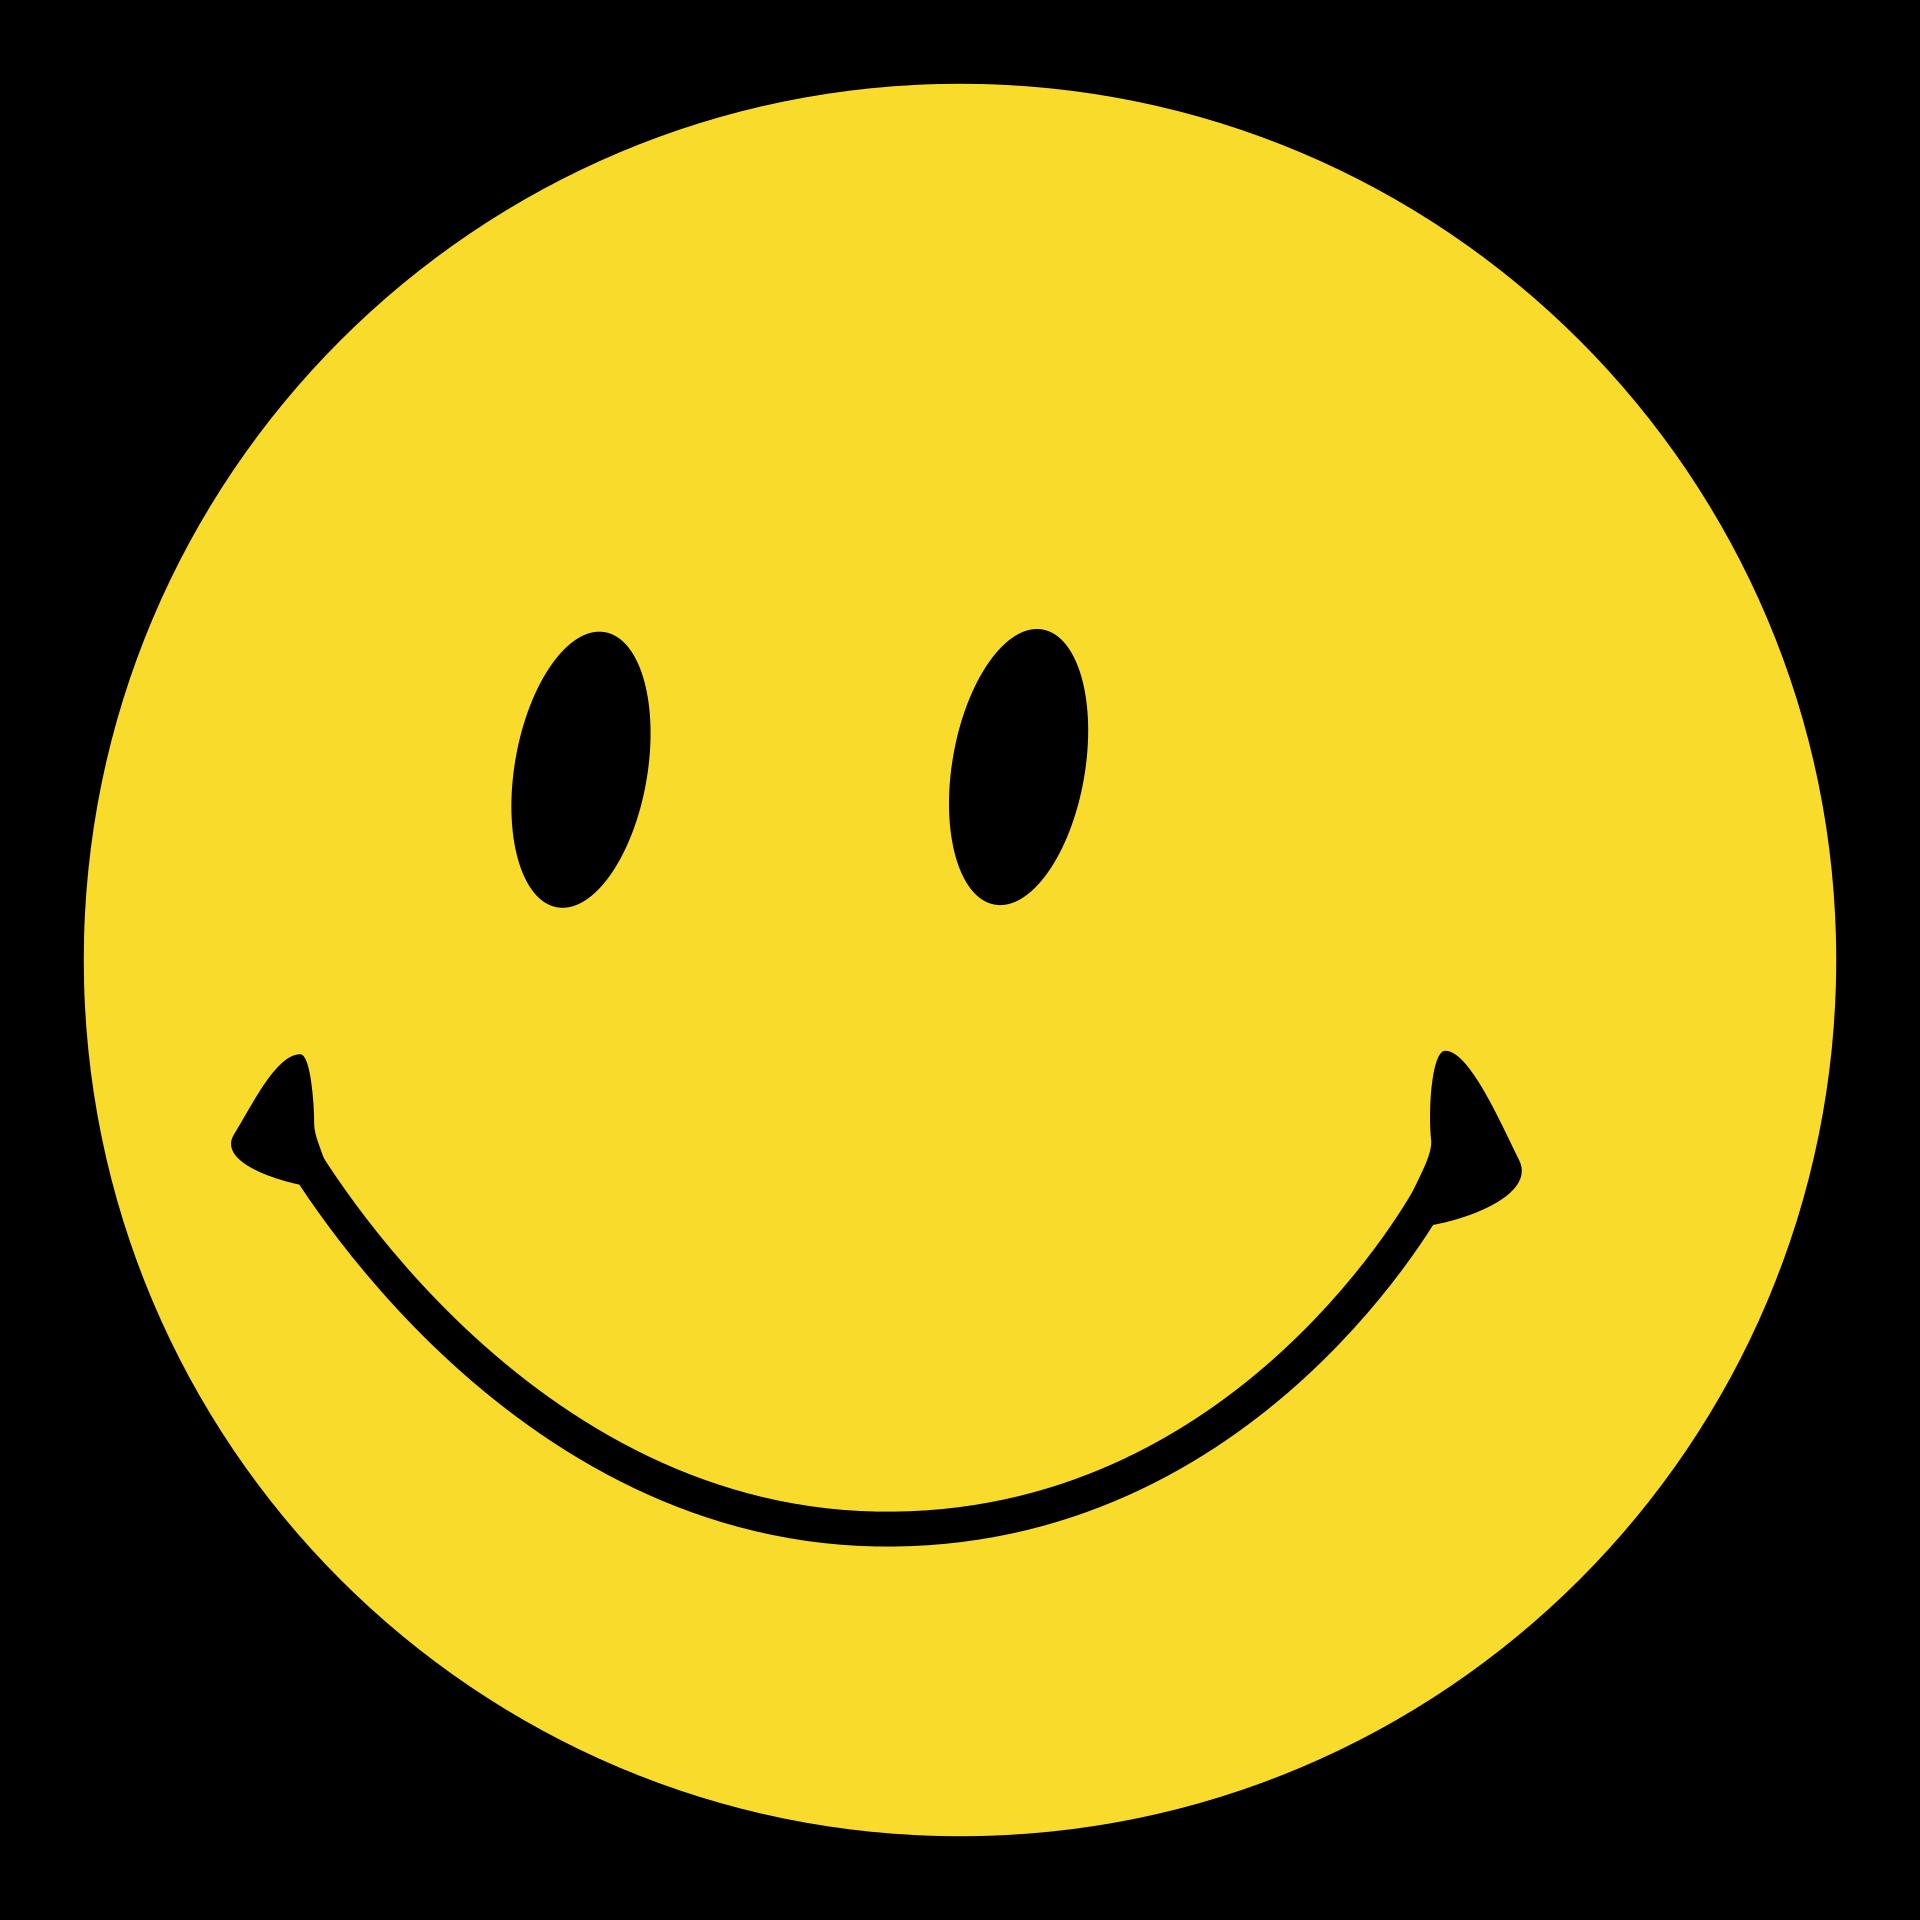 smileytst.png